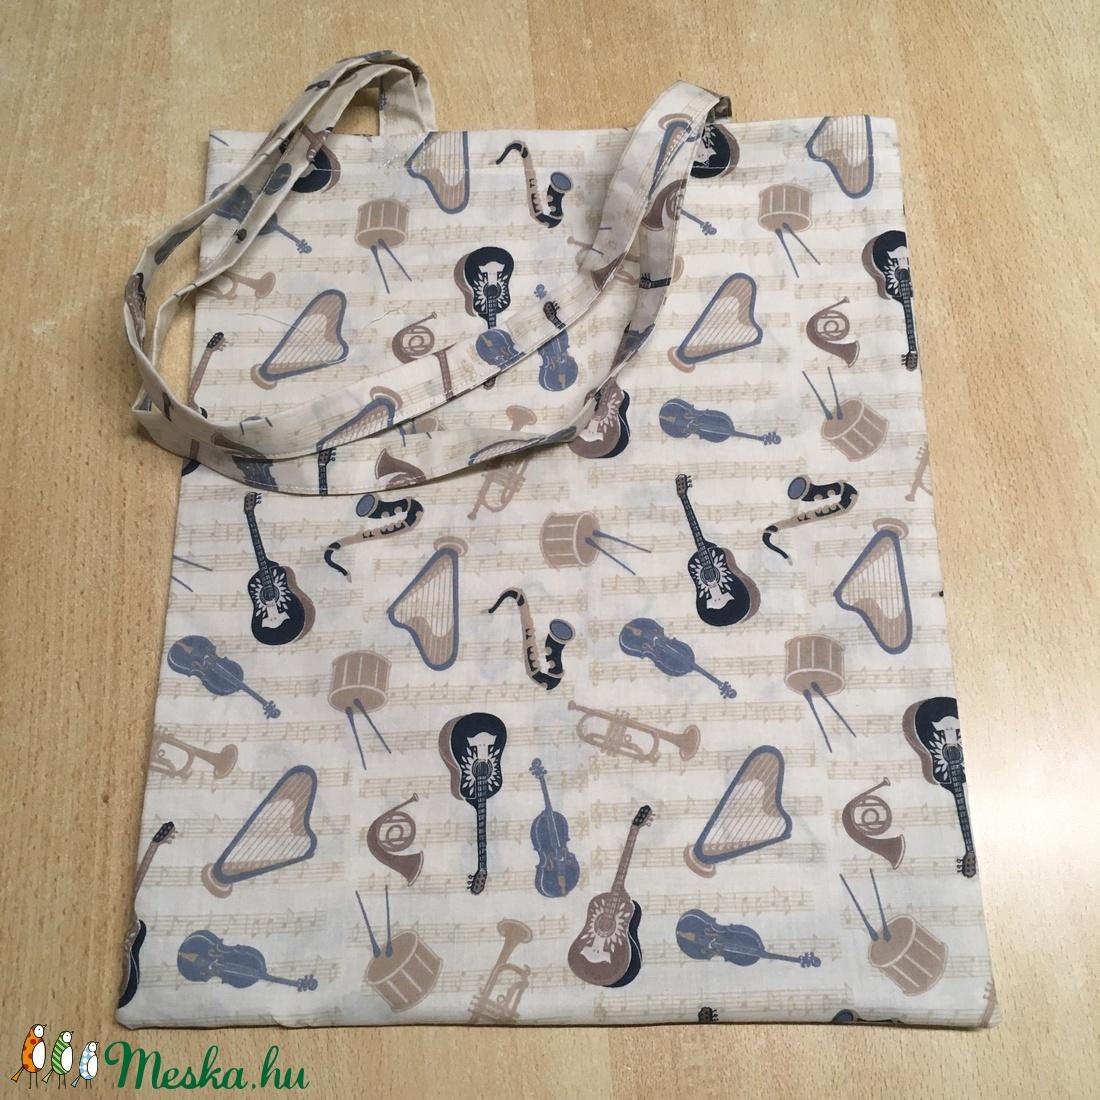 Hangszer mintás táska, szatyor, válltáska, bevásárló táska, tini vászon táska - táska & tok - kézitáska & válltáska - Meska.hu